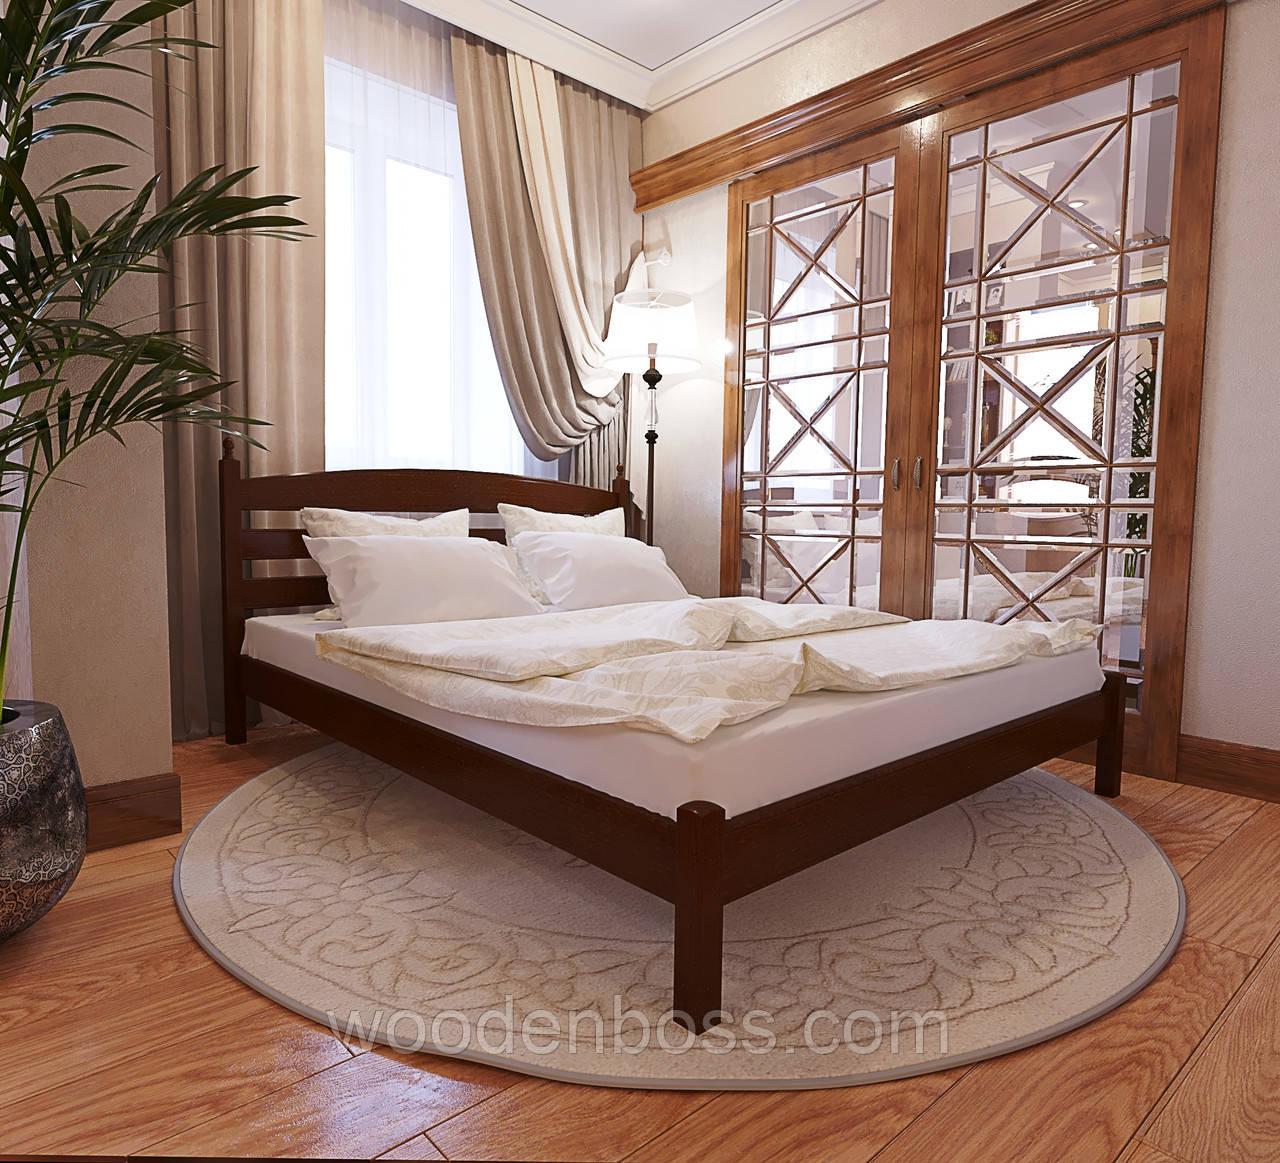 """Кровать односпальная от """"Wooden Boss"""" Классик (спальное место 90х190/200)"""